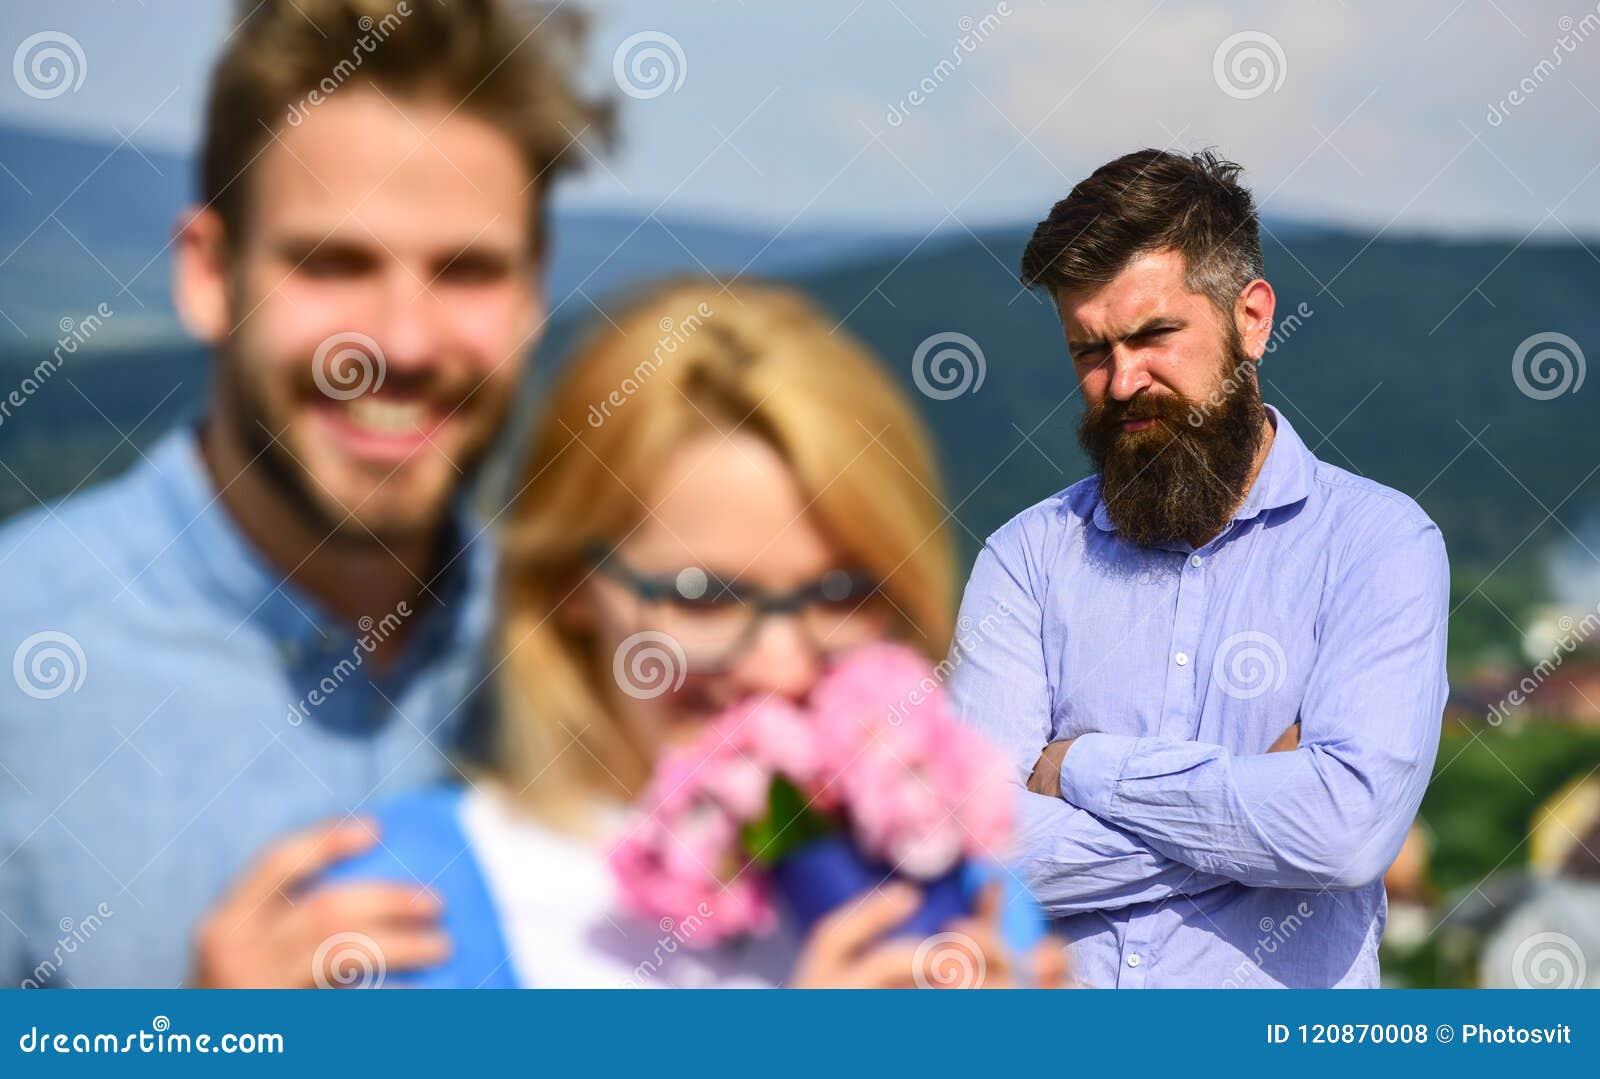 datazione di un uomo sposato per 4 anni metà prezzo hook up Columbus